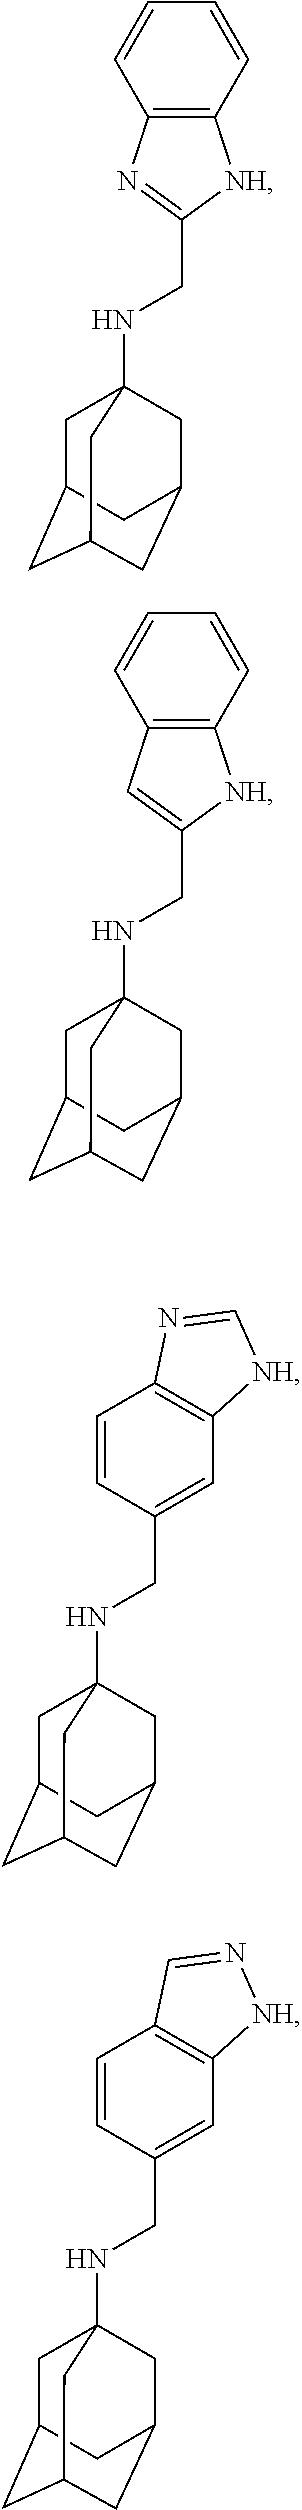 Figure US09884832-20180206-C00126